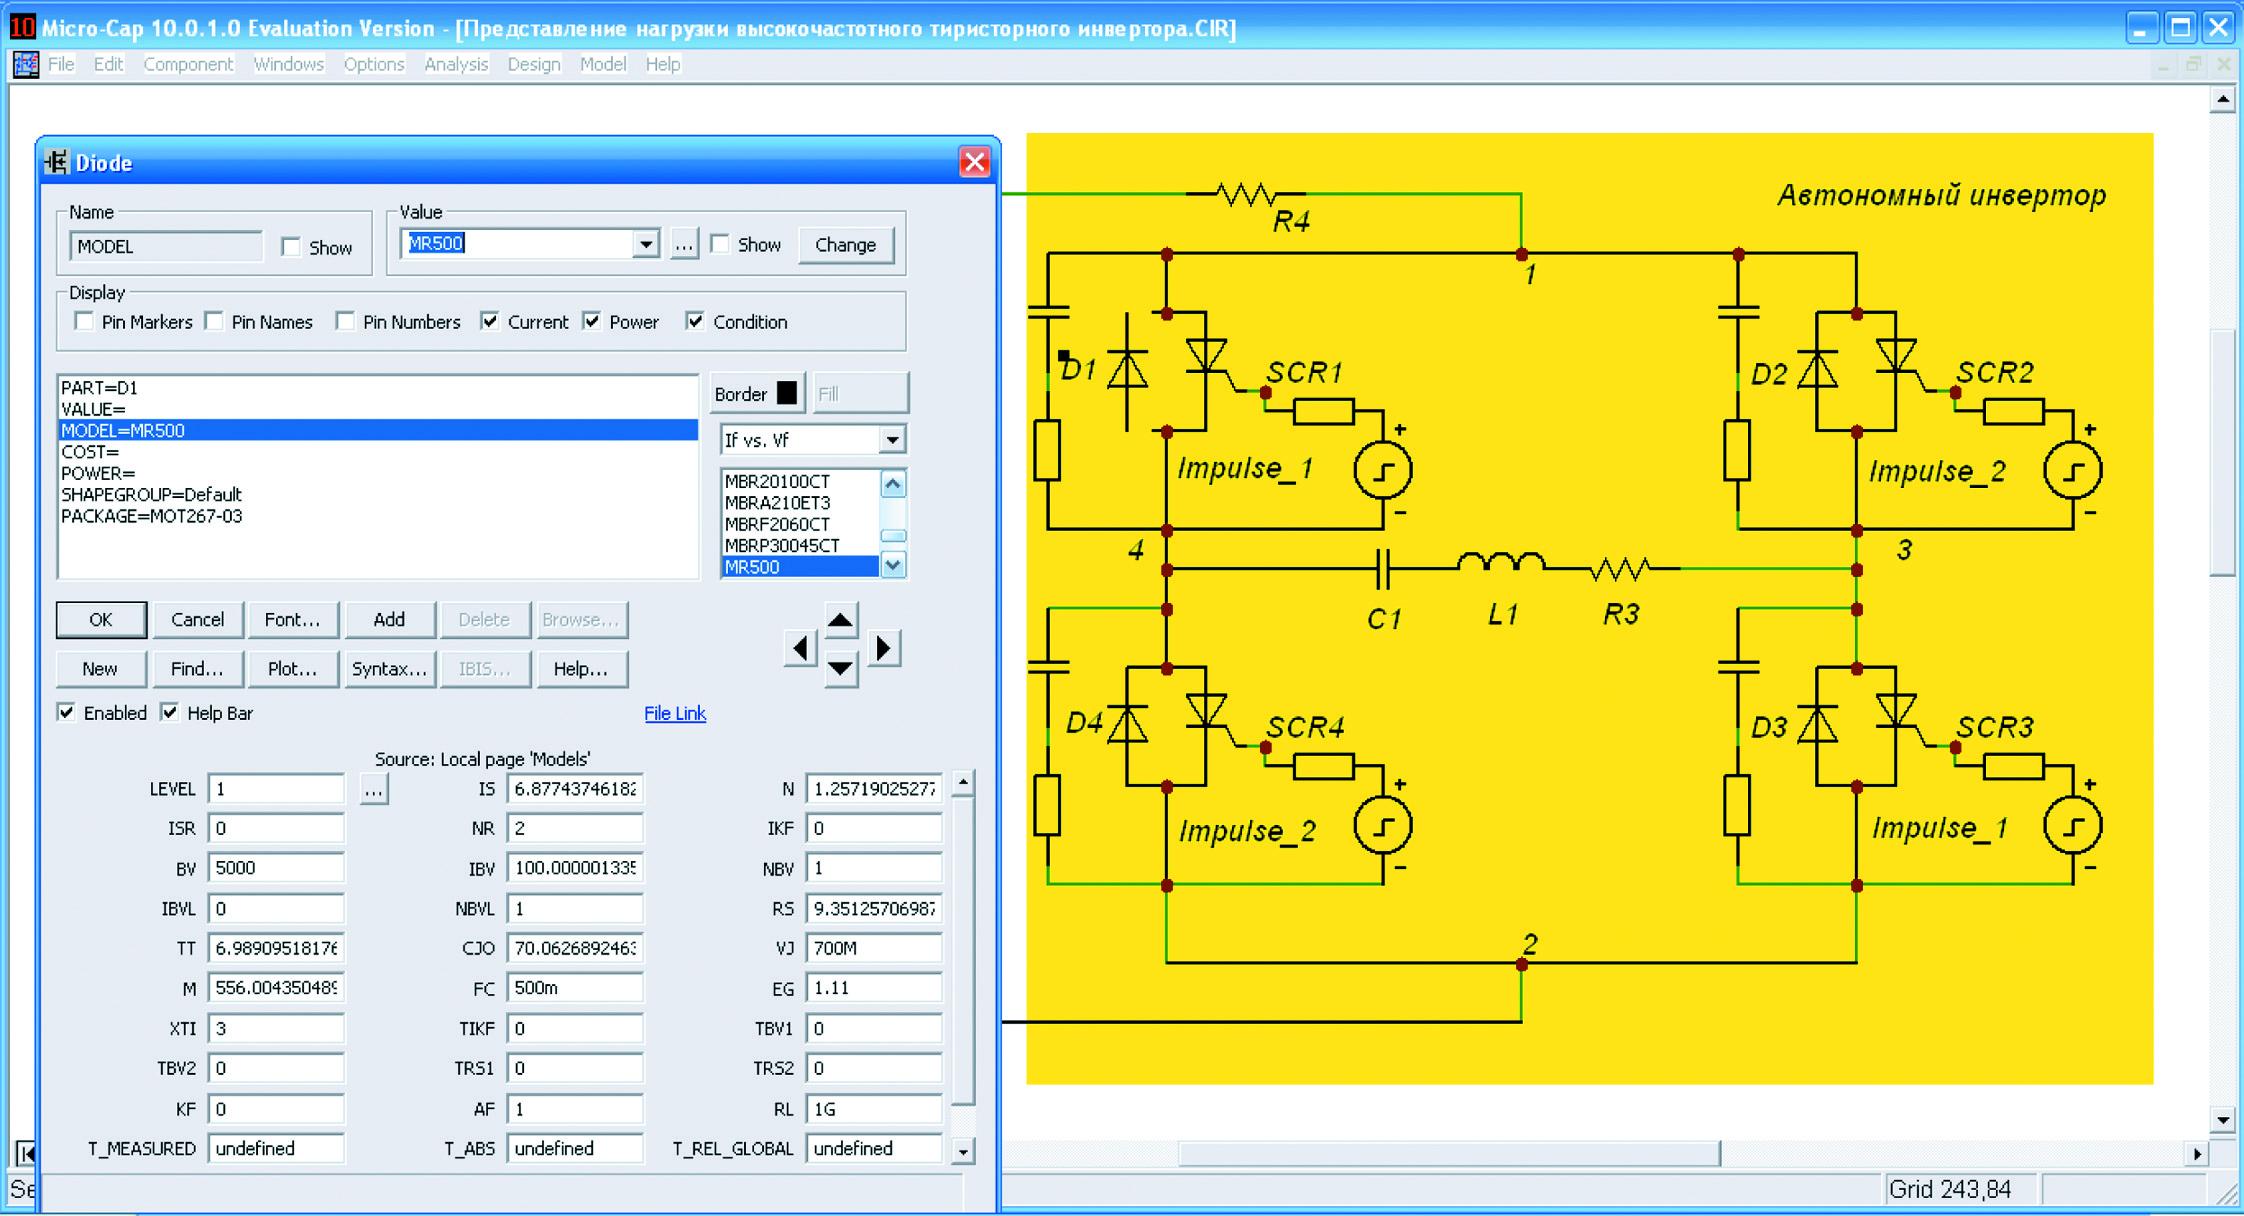 Панель Macro параметров кремниевых высоковольтных диодов, использованных в схемотехнической модели автономного инвертора